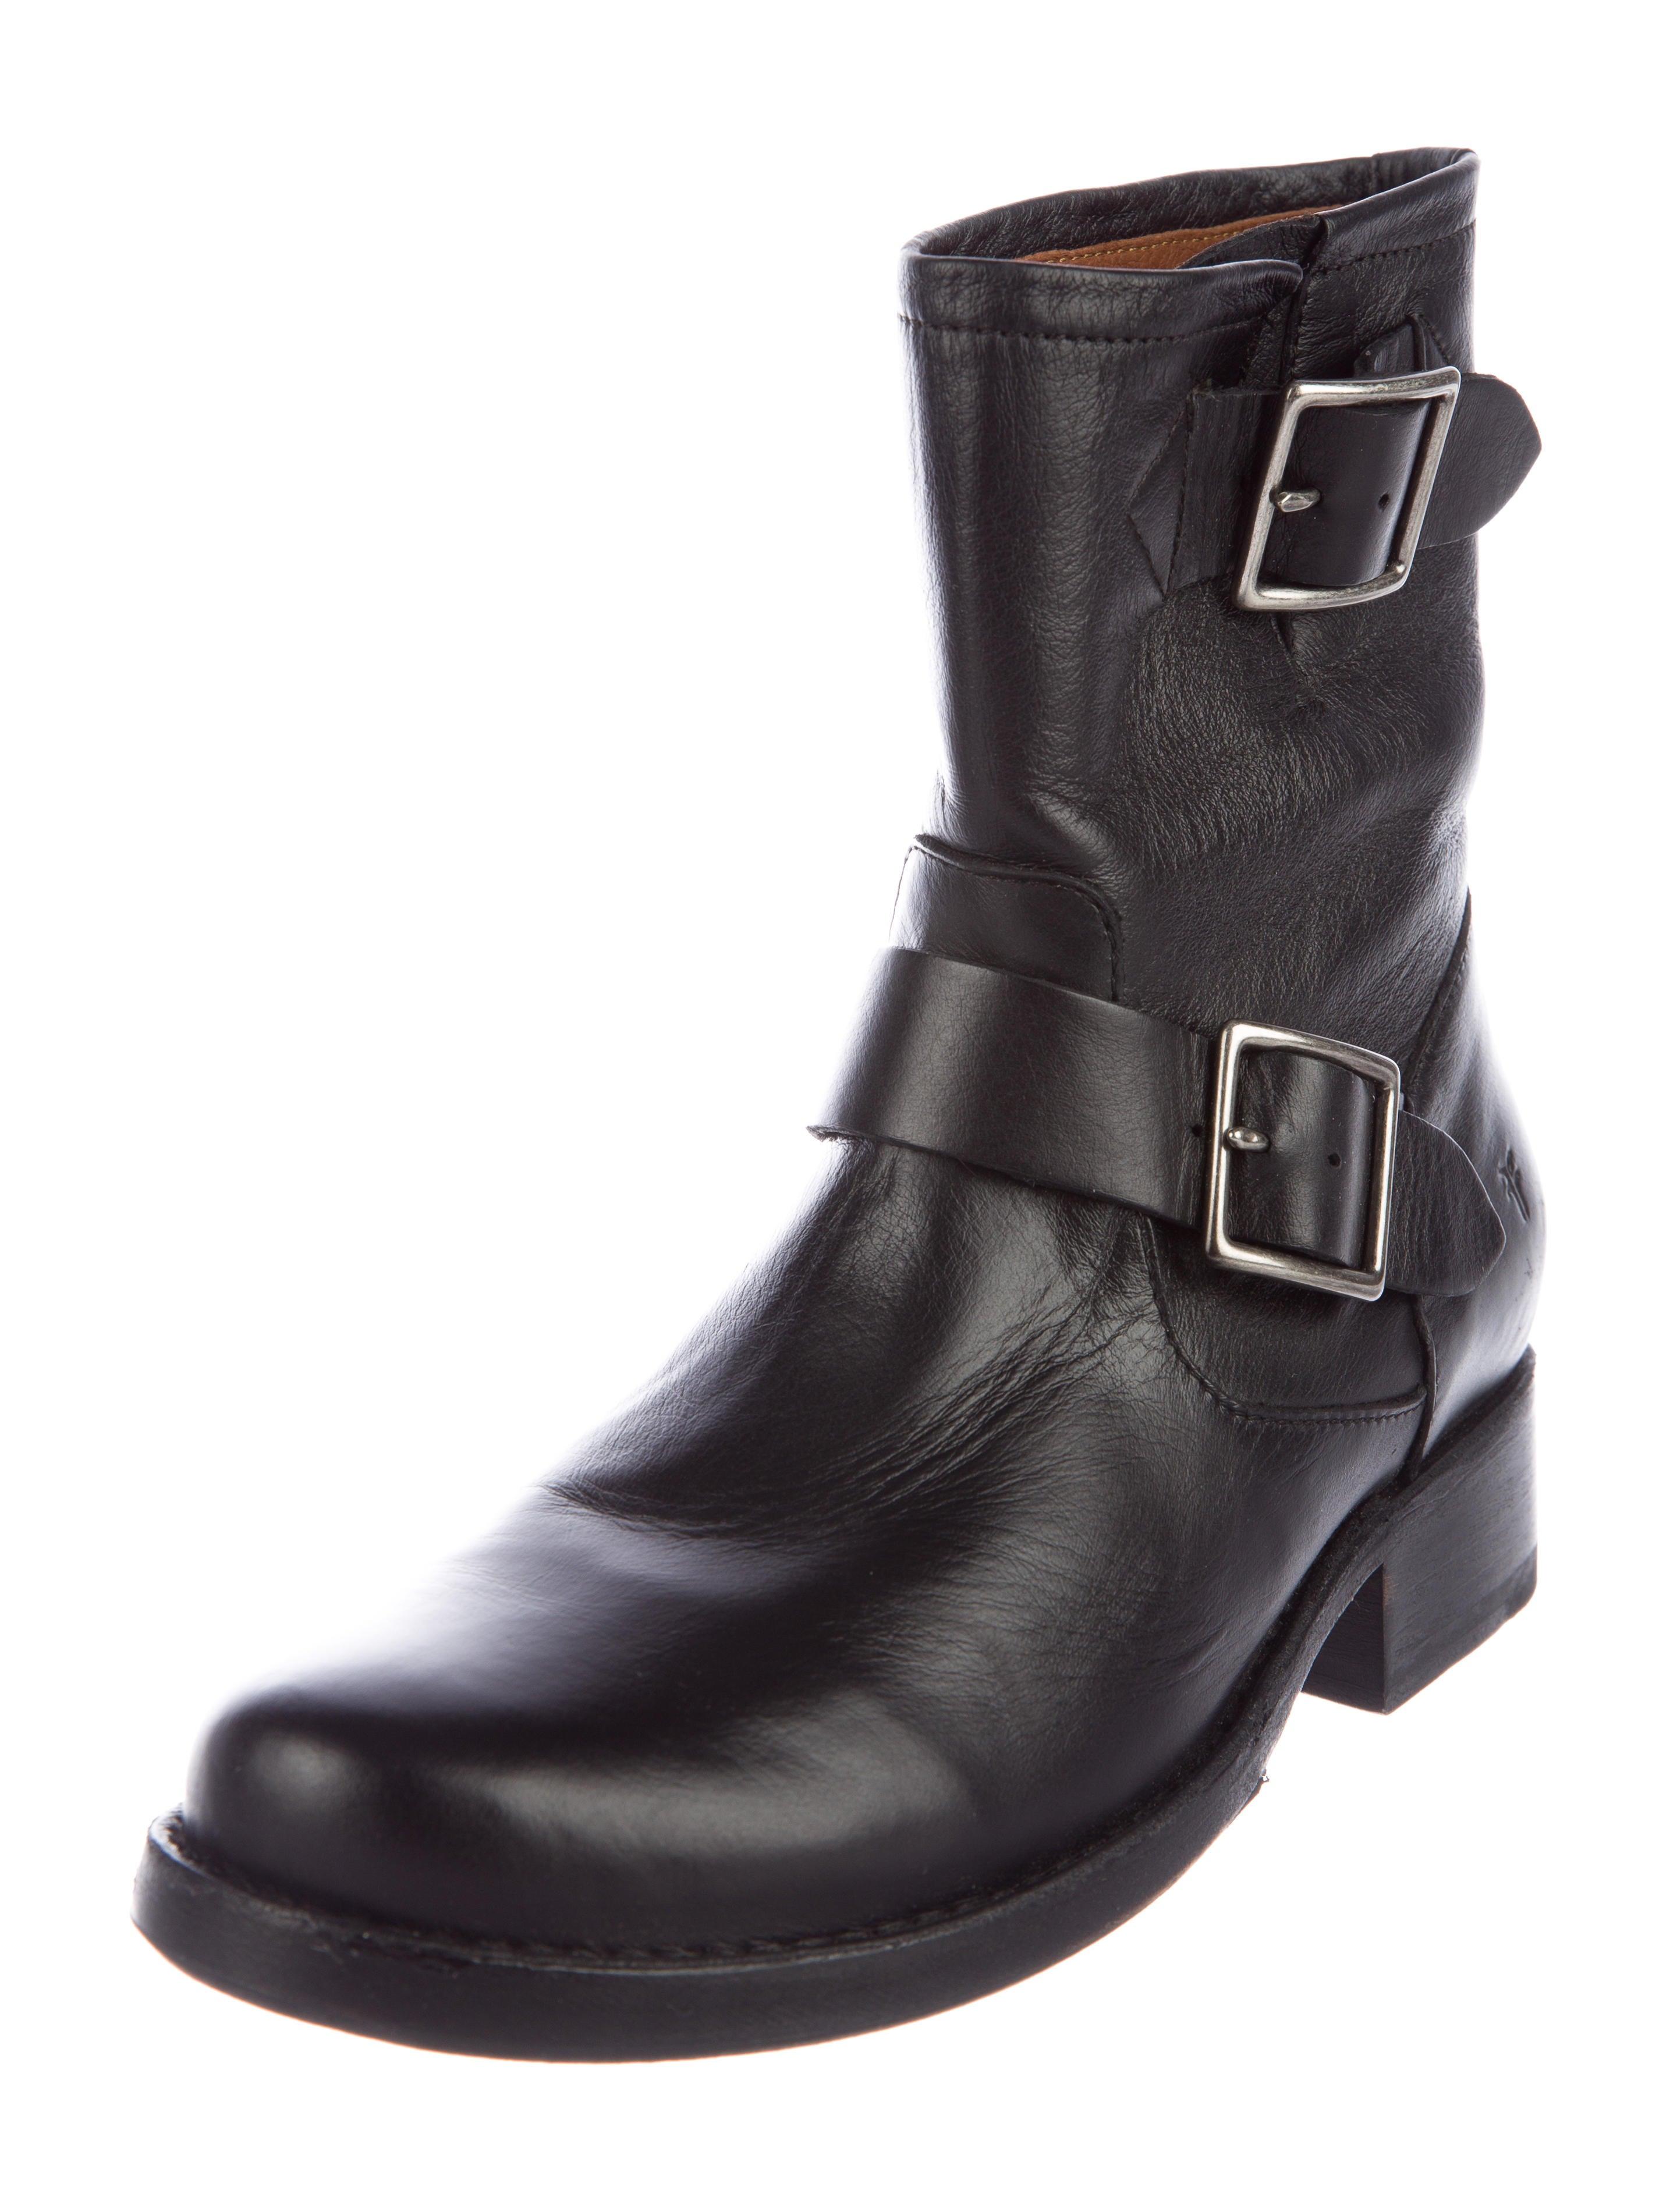 frye shoes soho nyc shopping directory uk